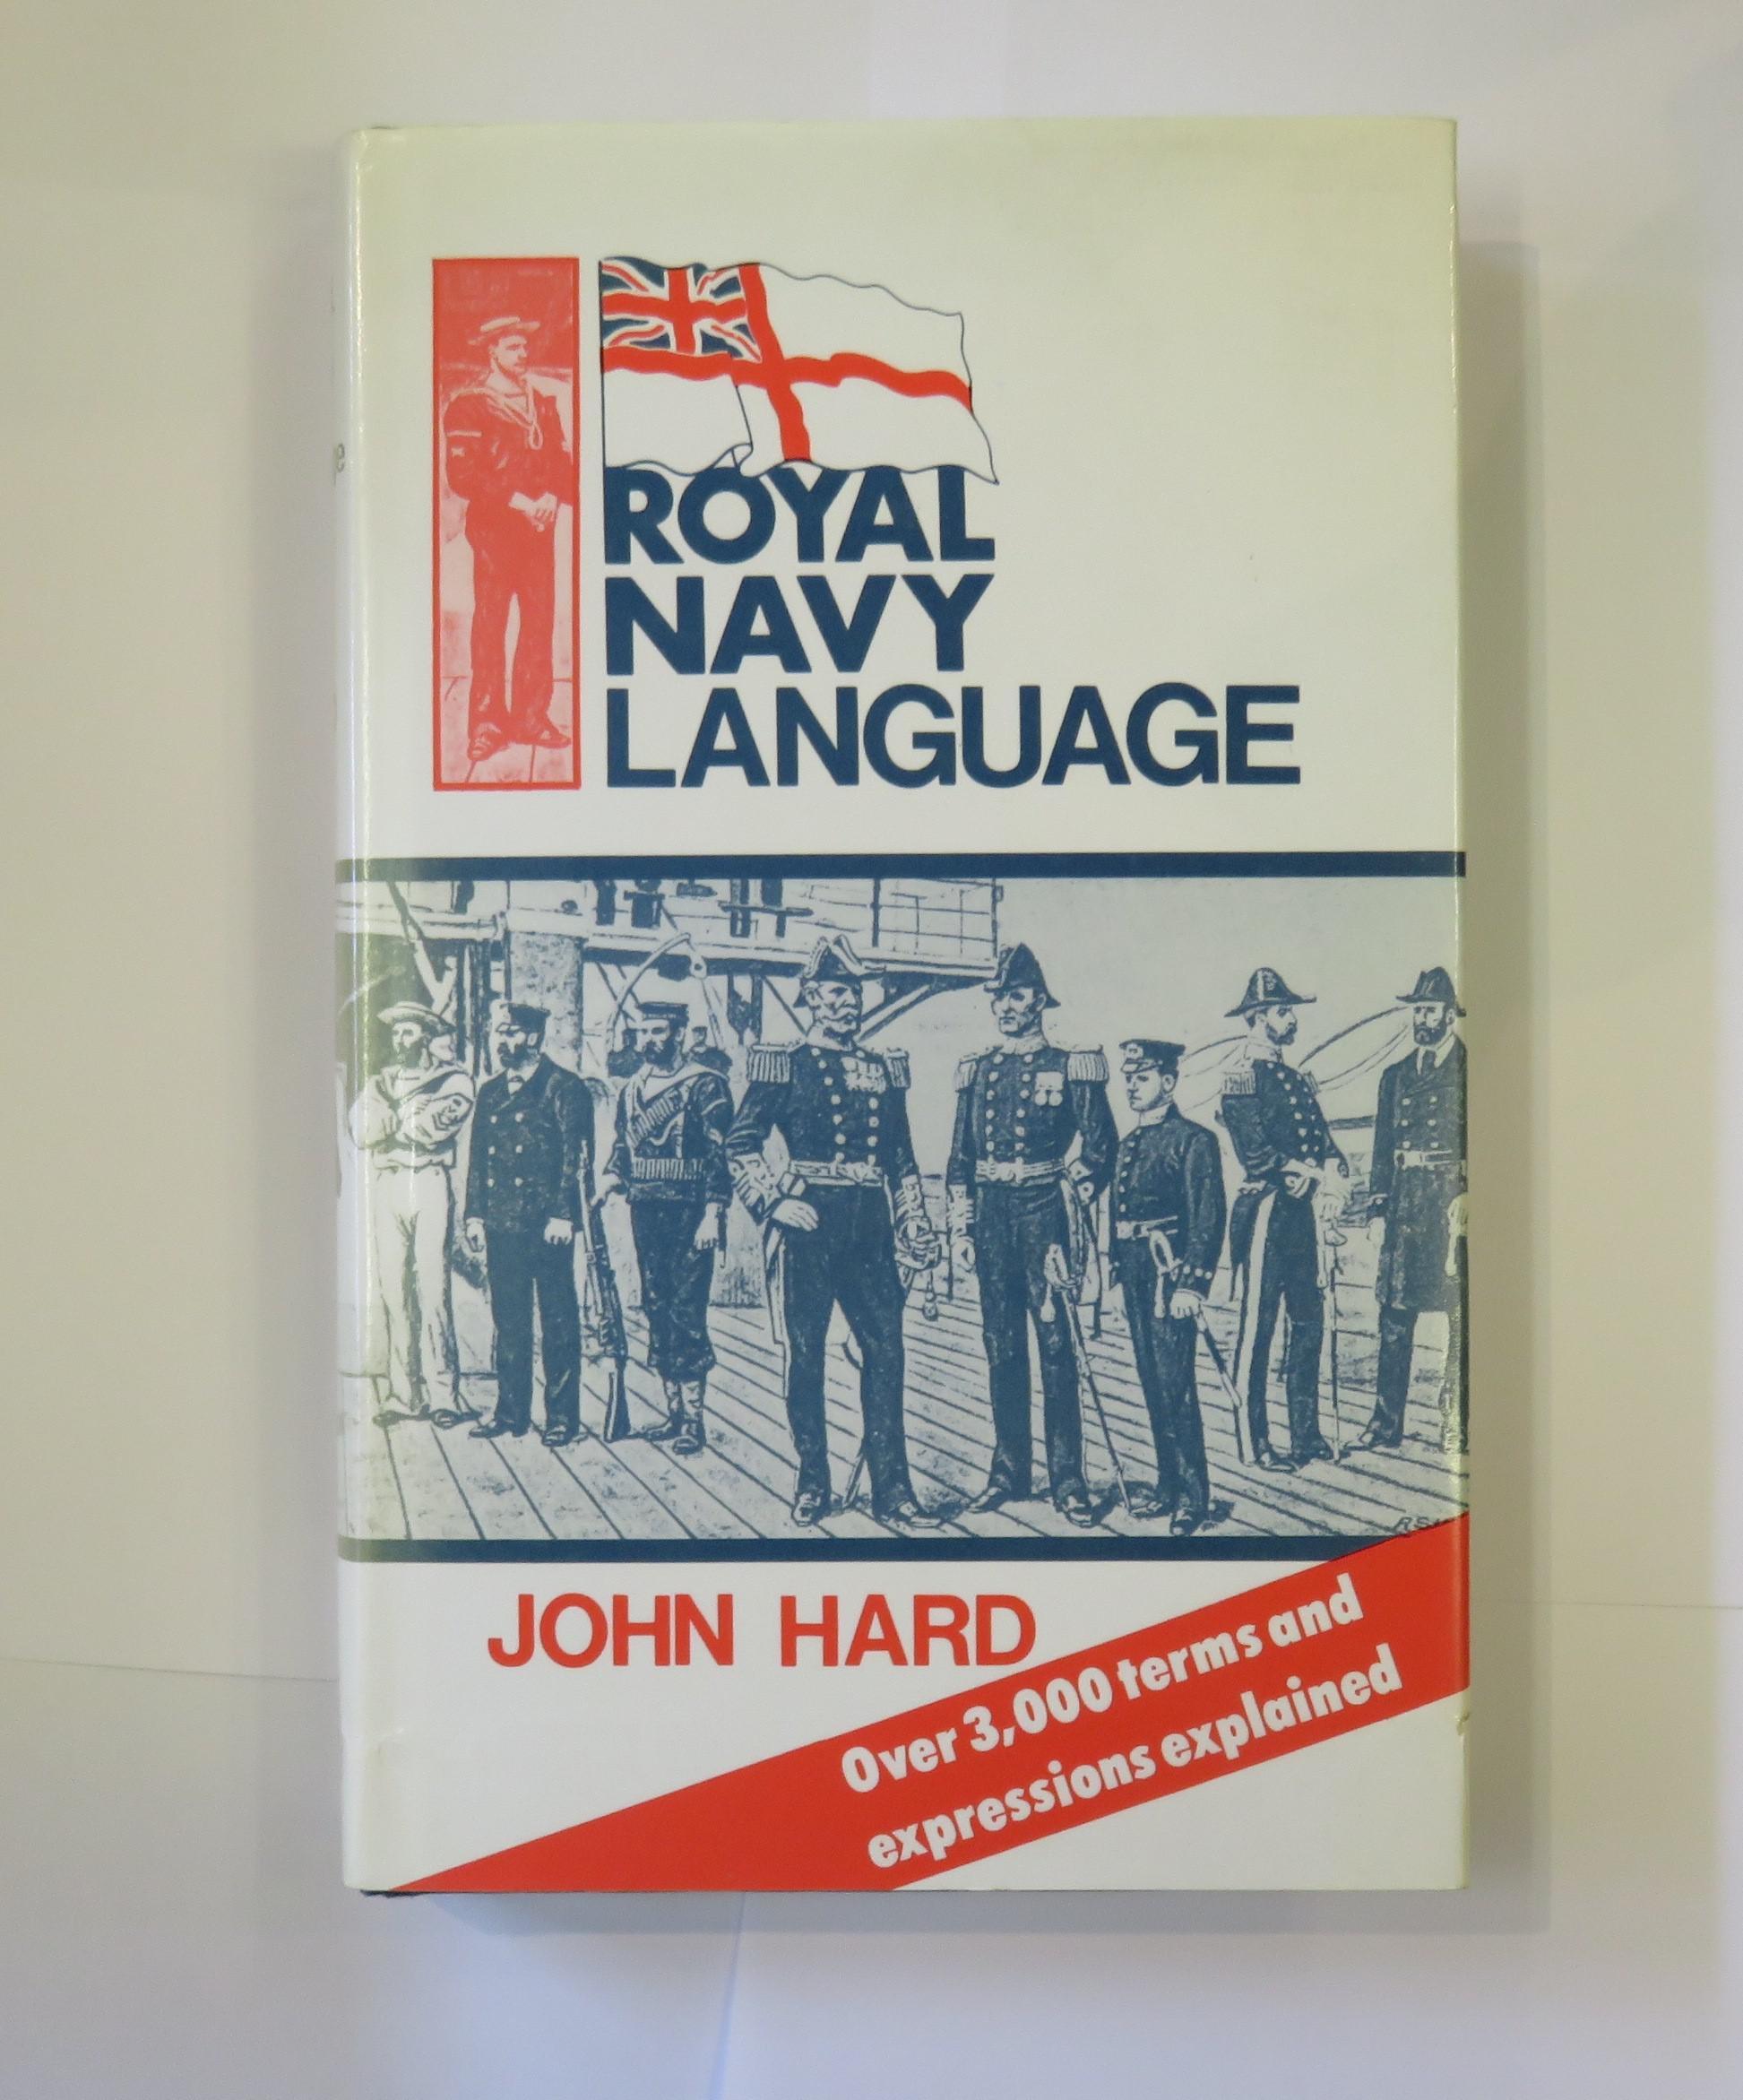 Royal Navy Language